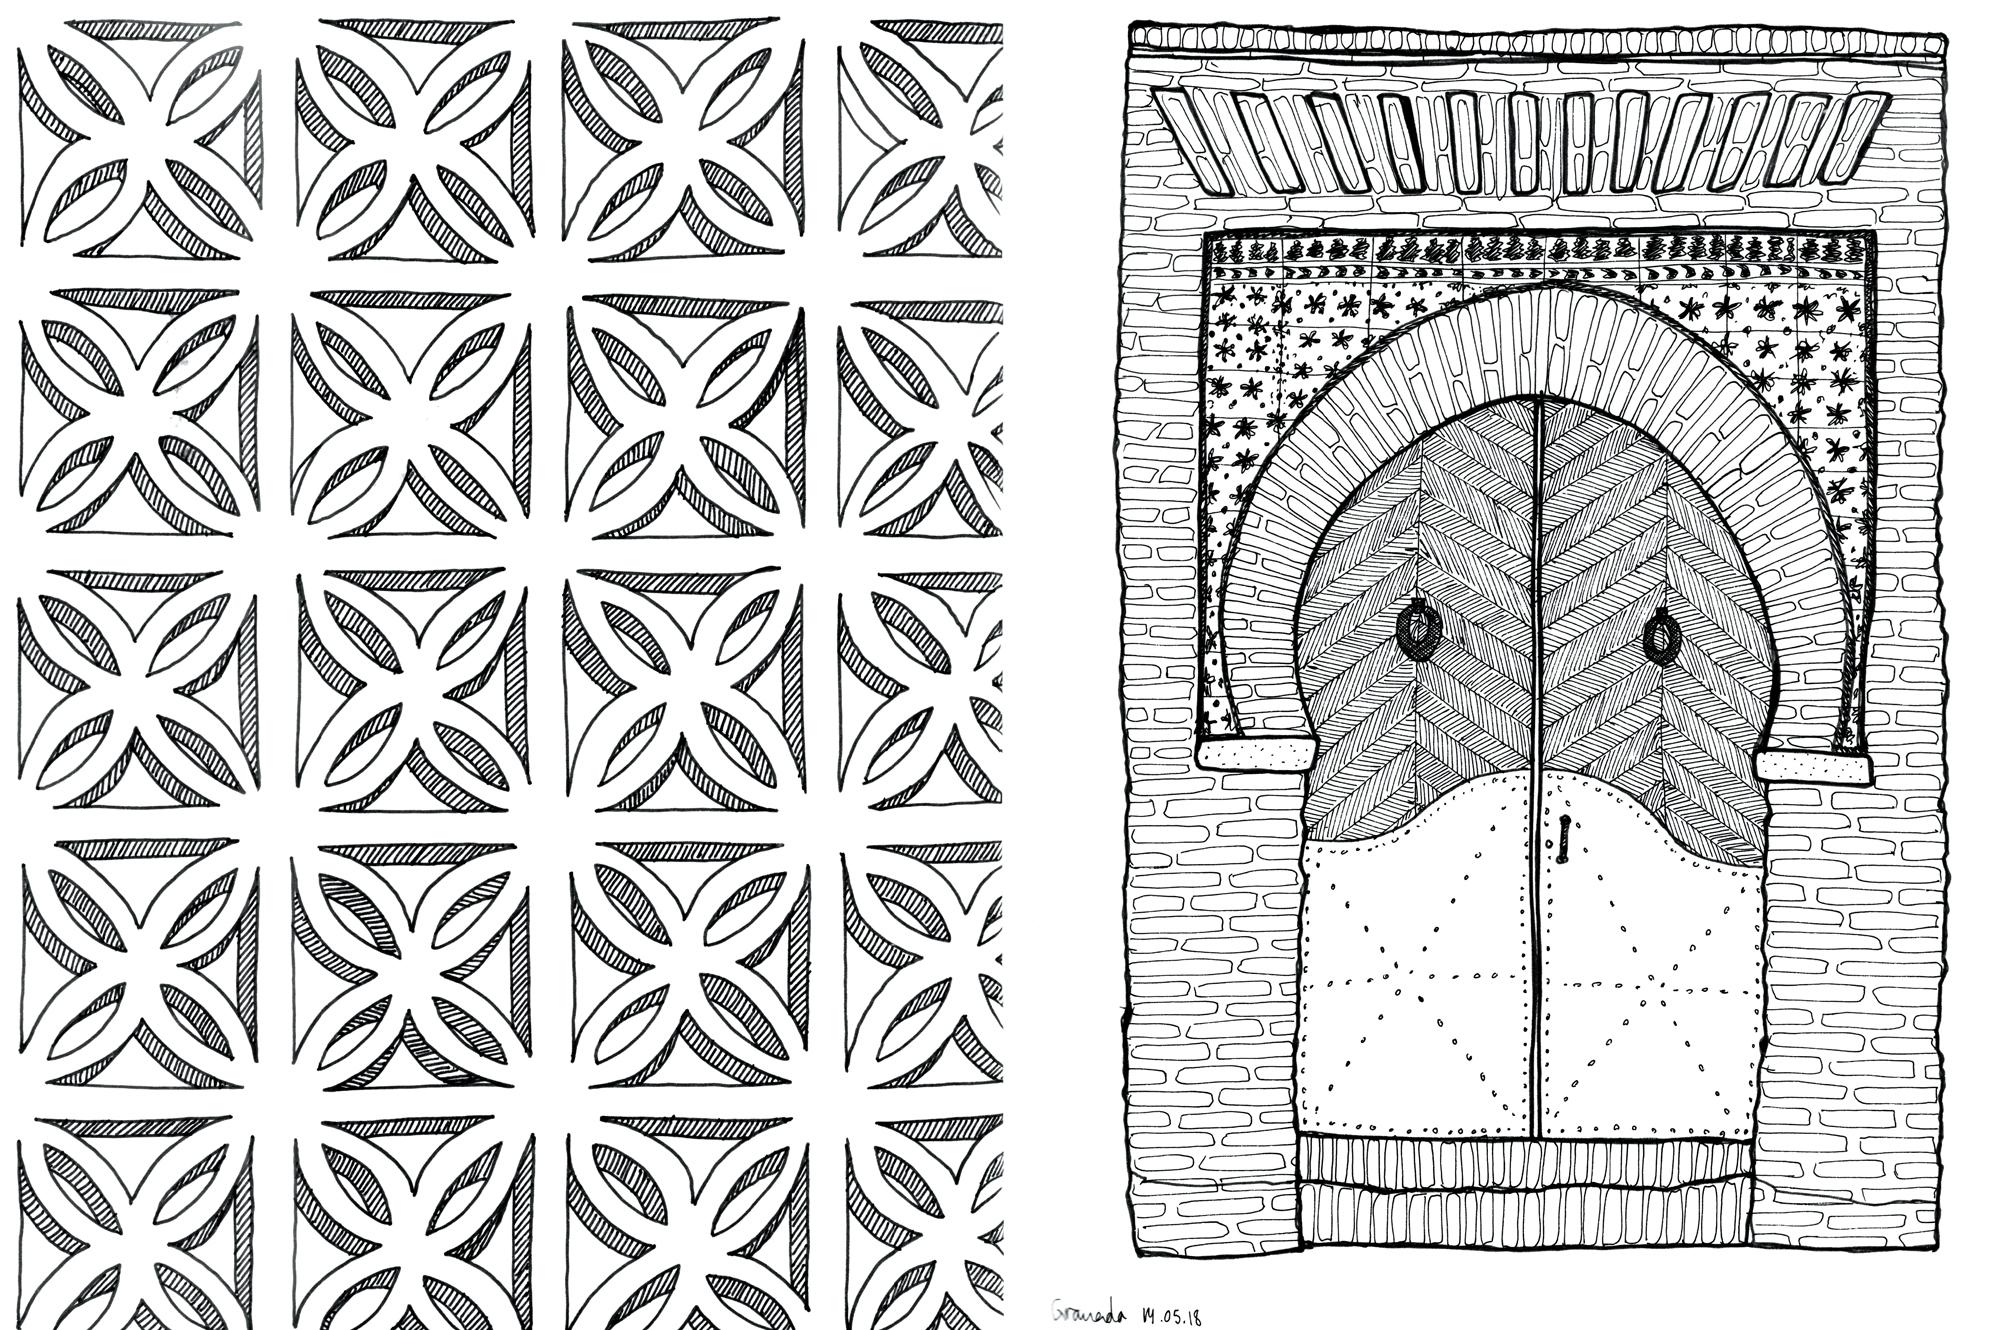 22_malaga_granada_bricks_doors_web.jpg